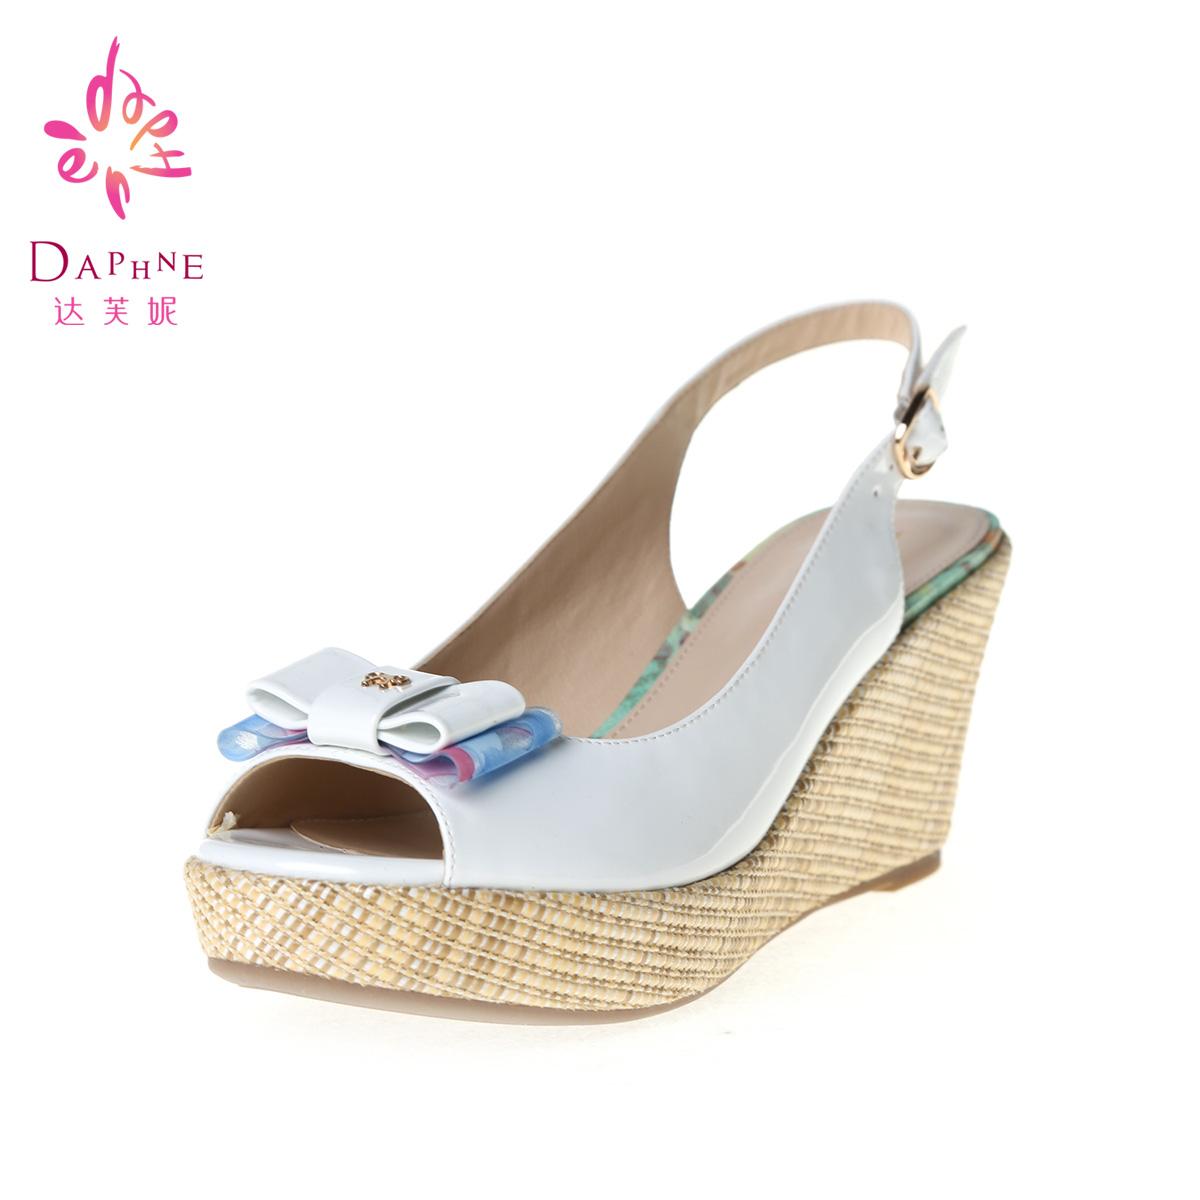 Daphne/达芙妮甜美休闲蝴蝶结麻编坡跟厚水台鱼嘴凉鞋1014303179